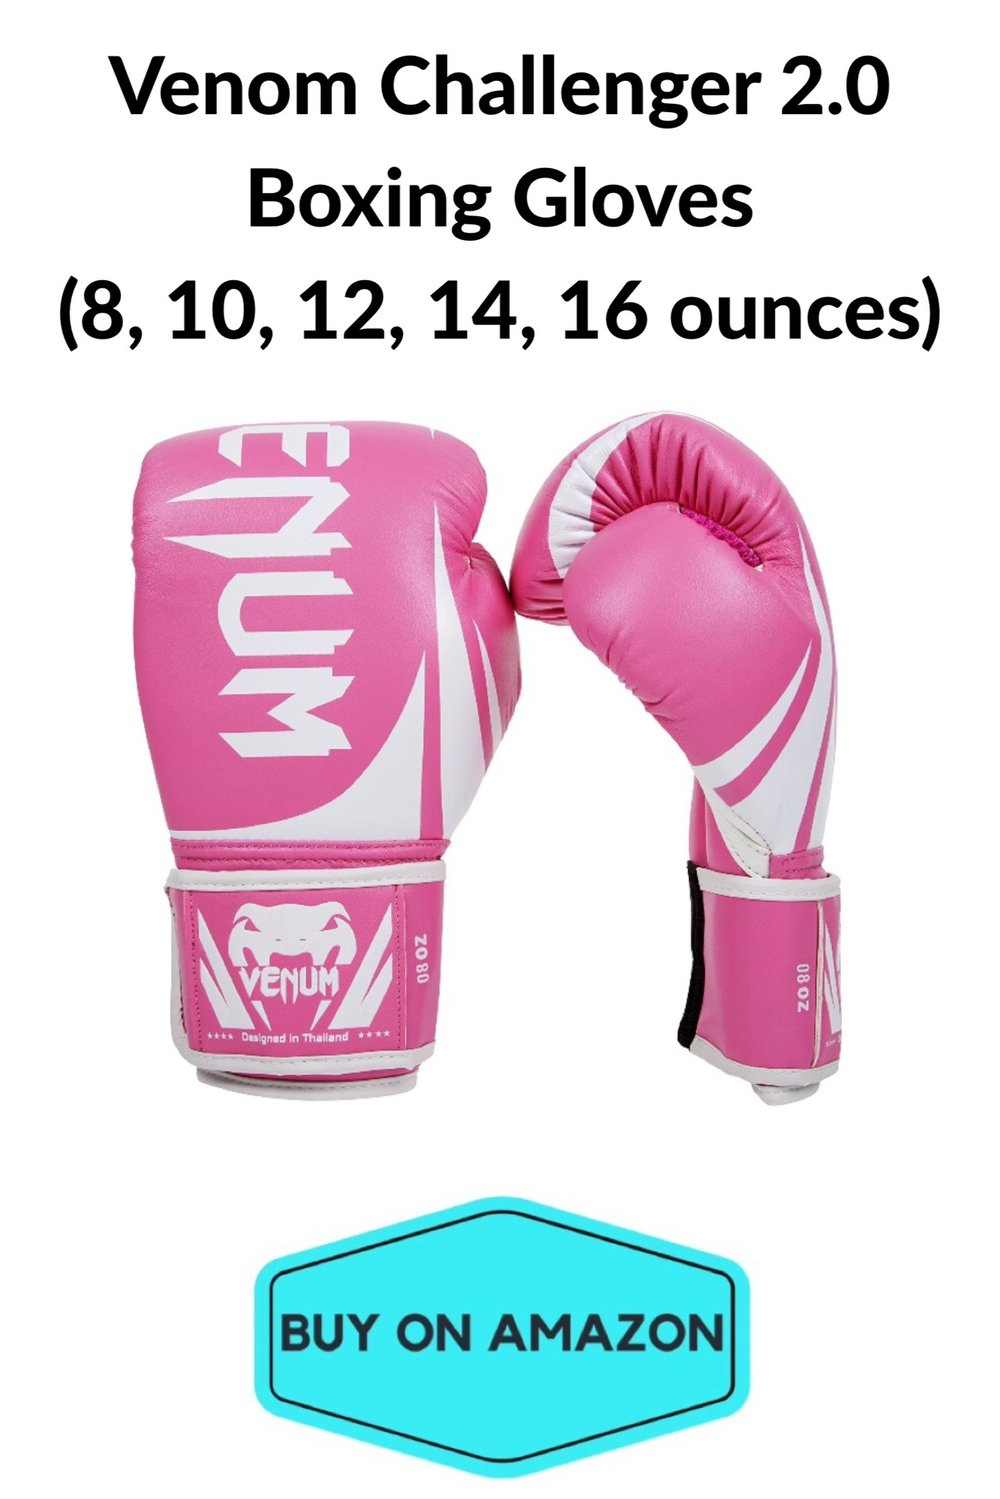 Venom Challenger 2.0 Boxing Gloves